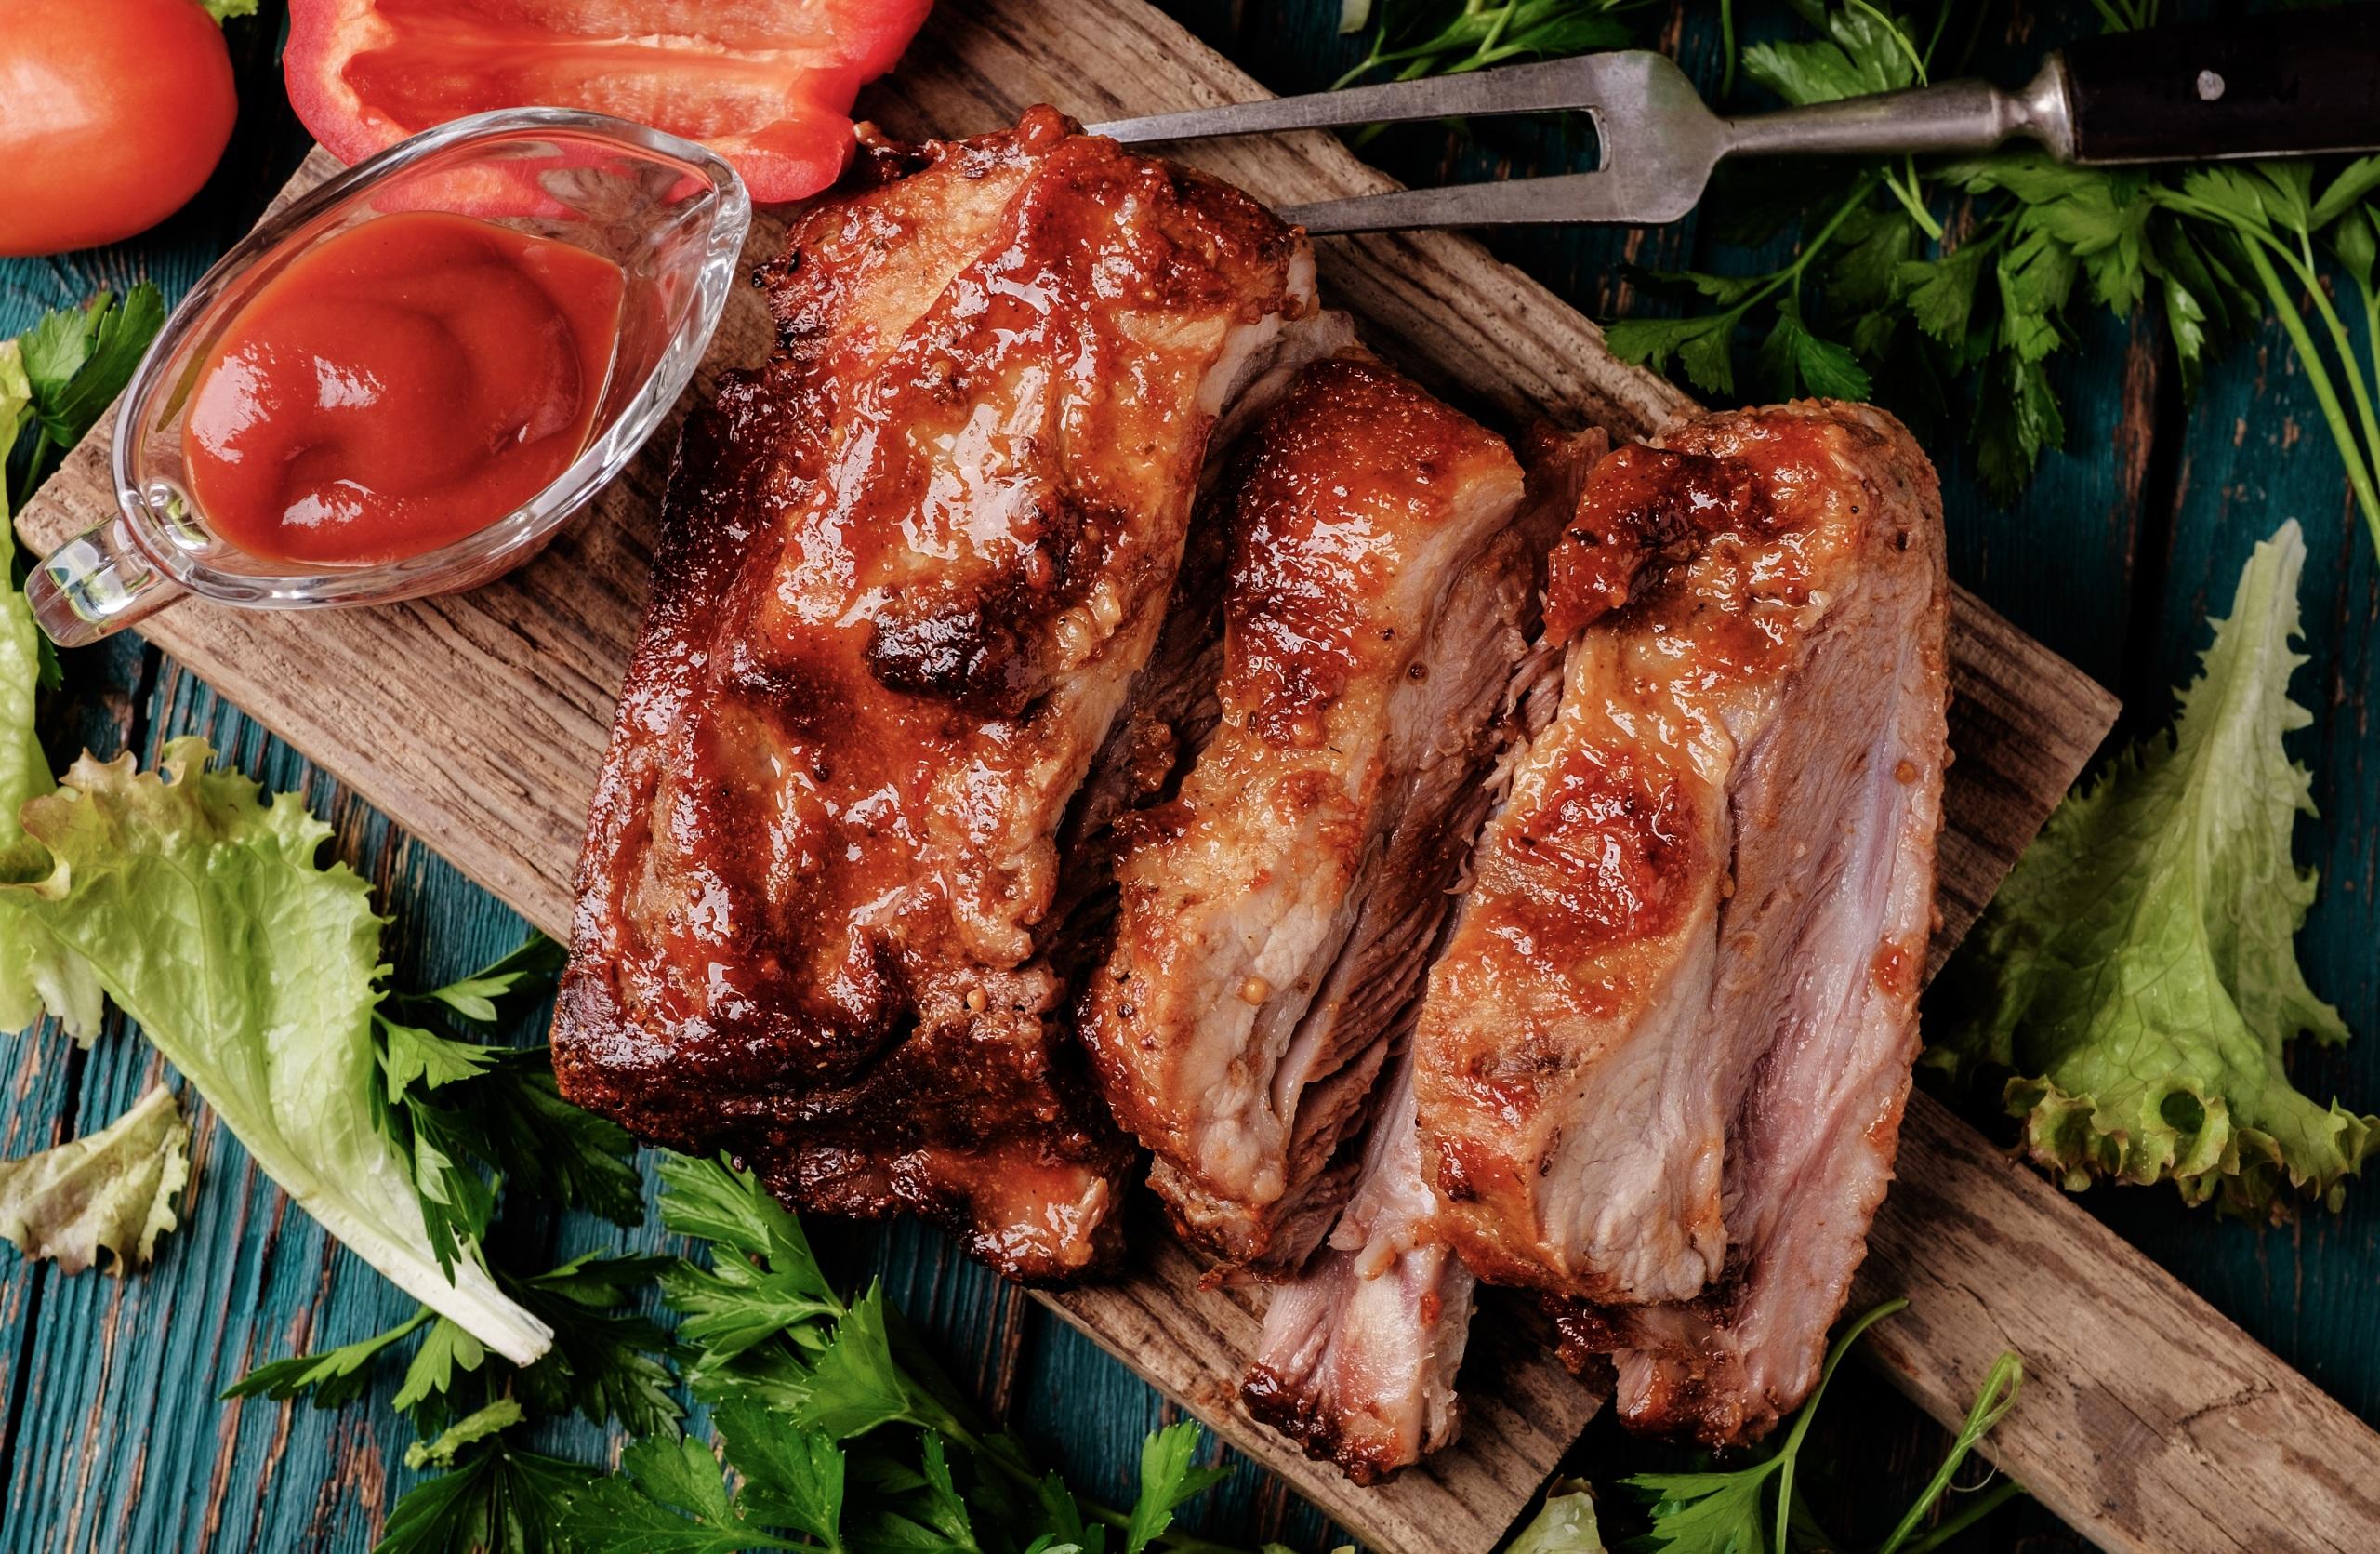 Картинка кетчупа Еда Разделочная доска Мясные продукты 2560x1671 Кетчуп кетчупом Пища Продукты питания разделочной доске